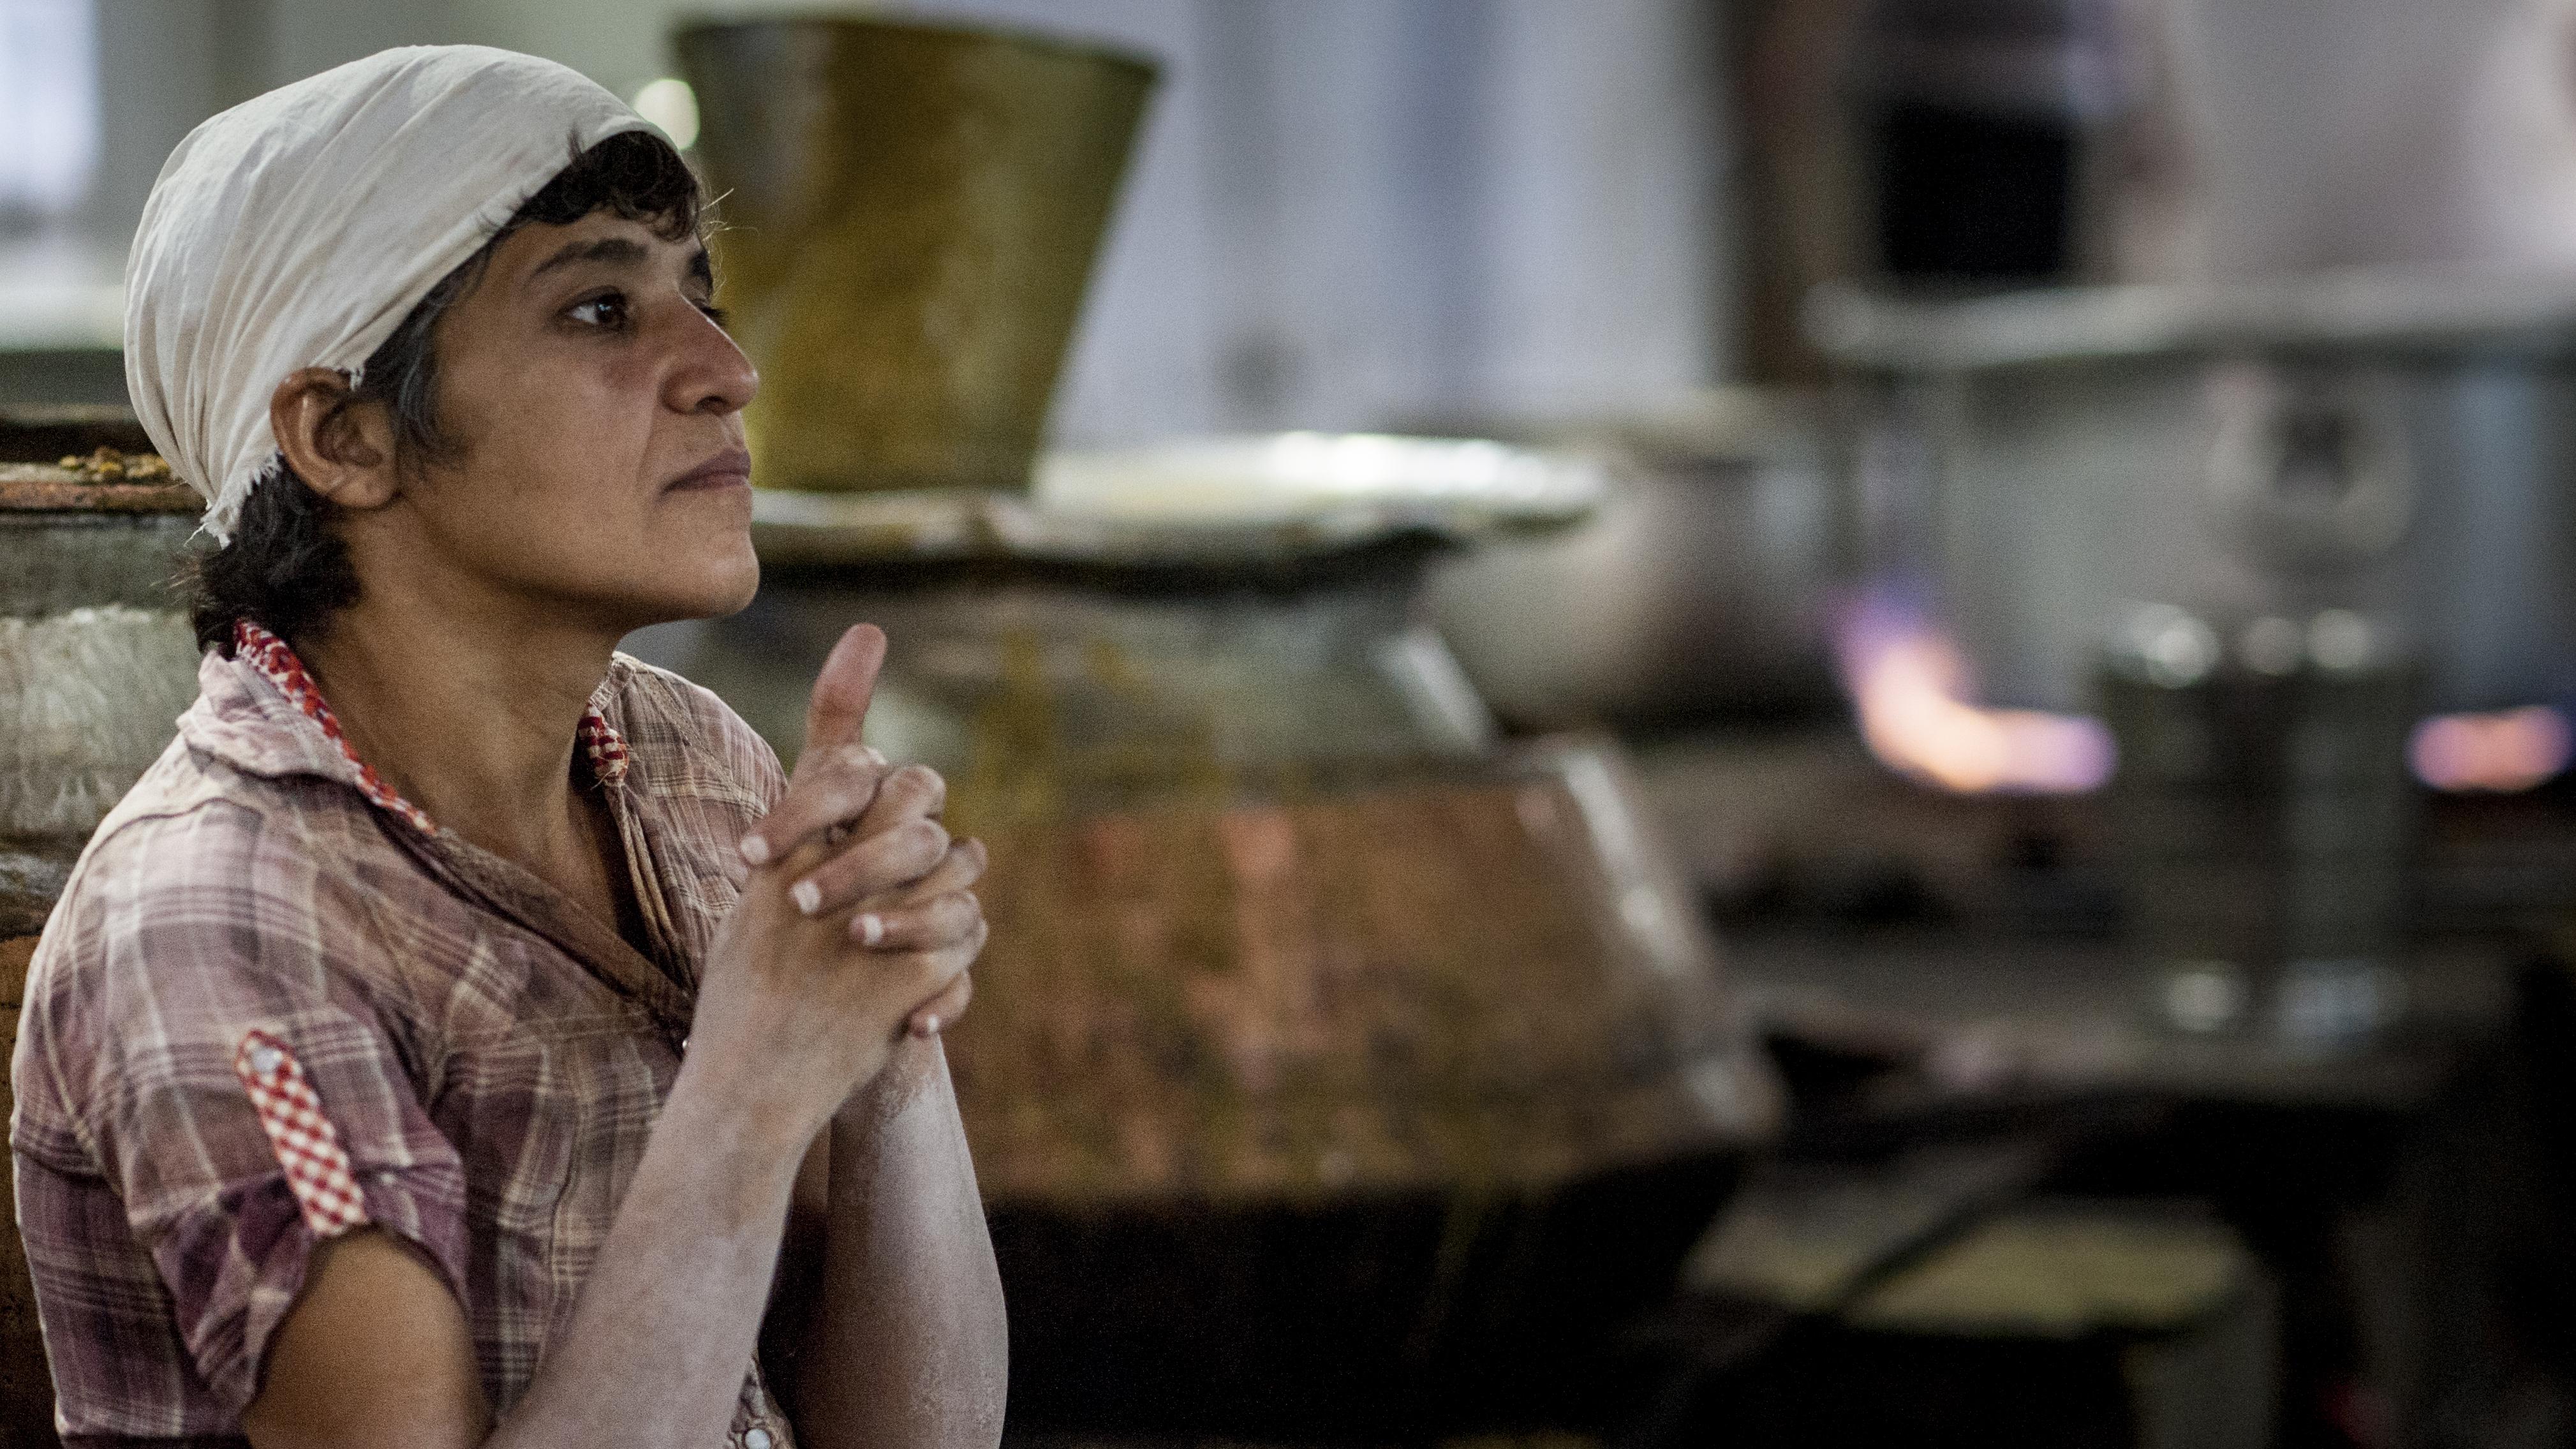 kitchen praying girl delhi sikh